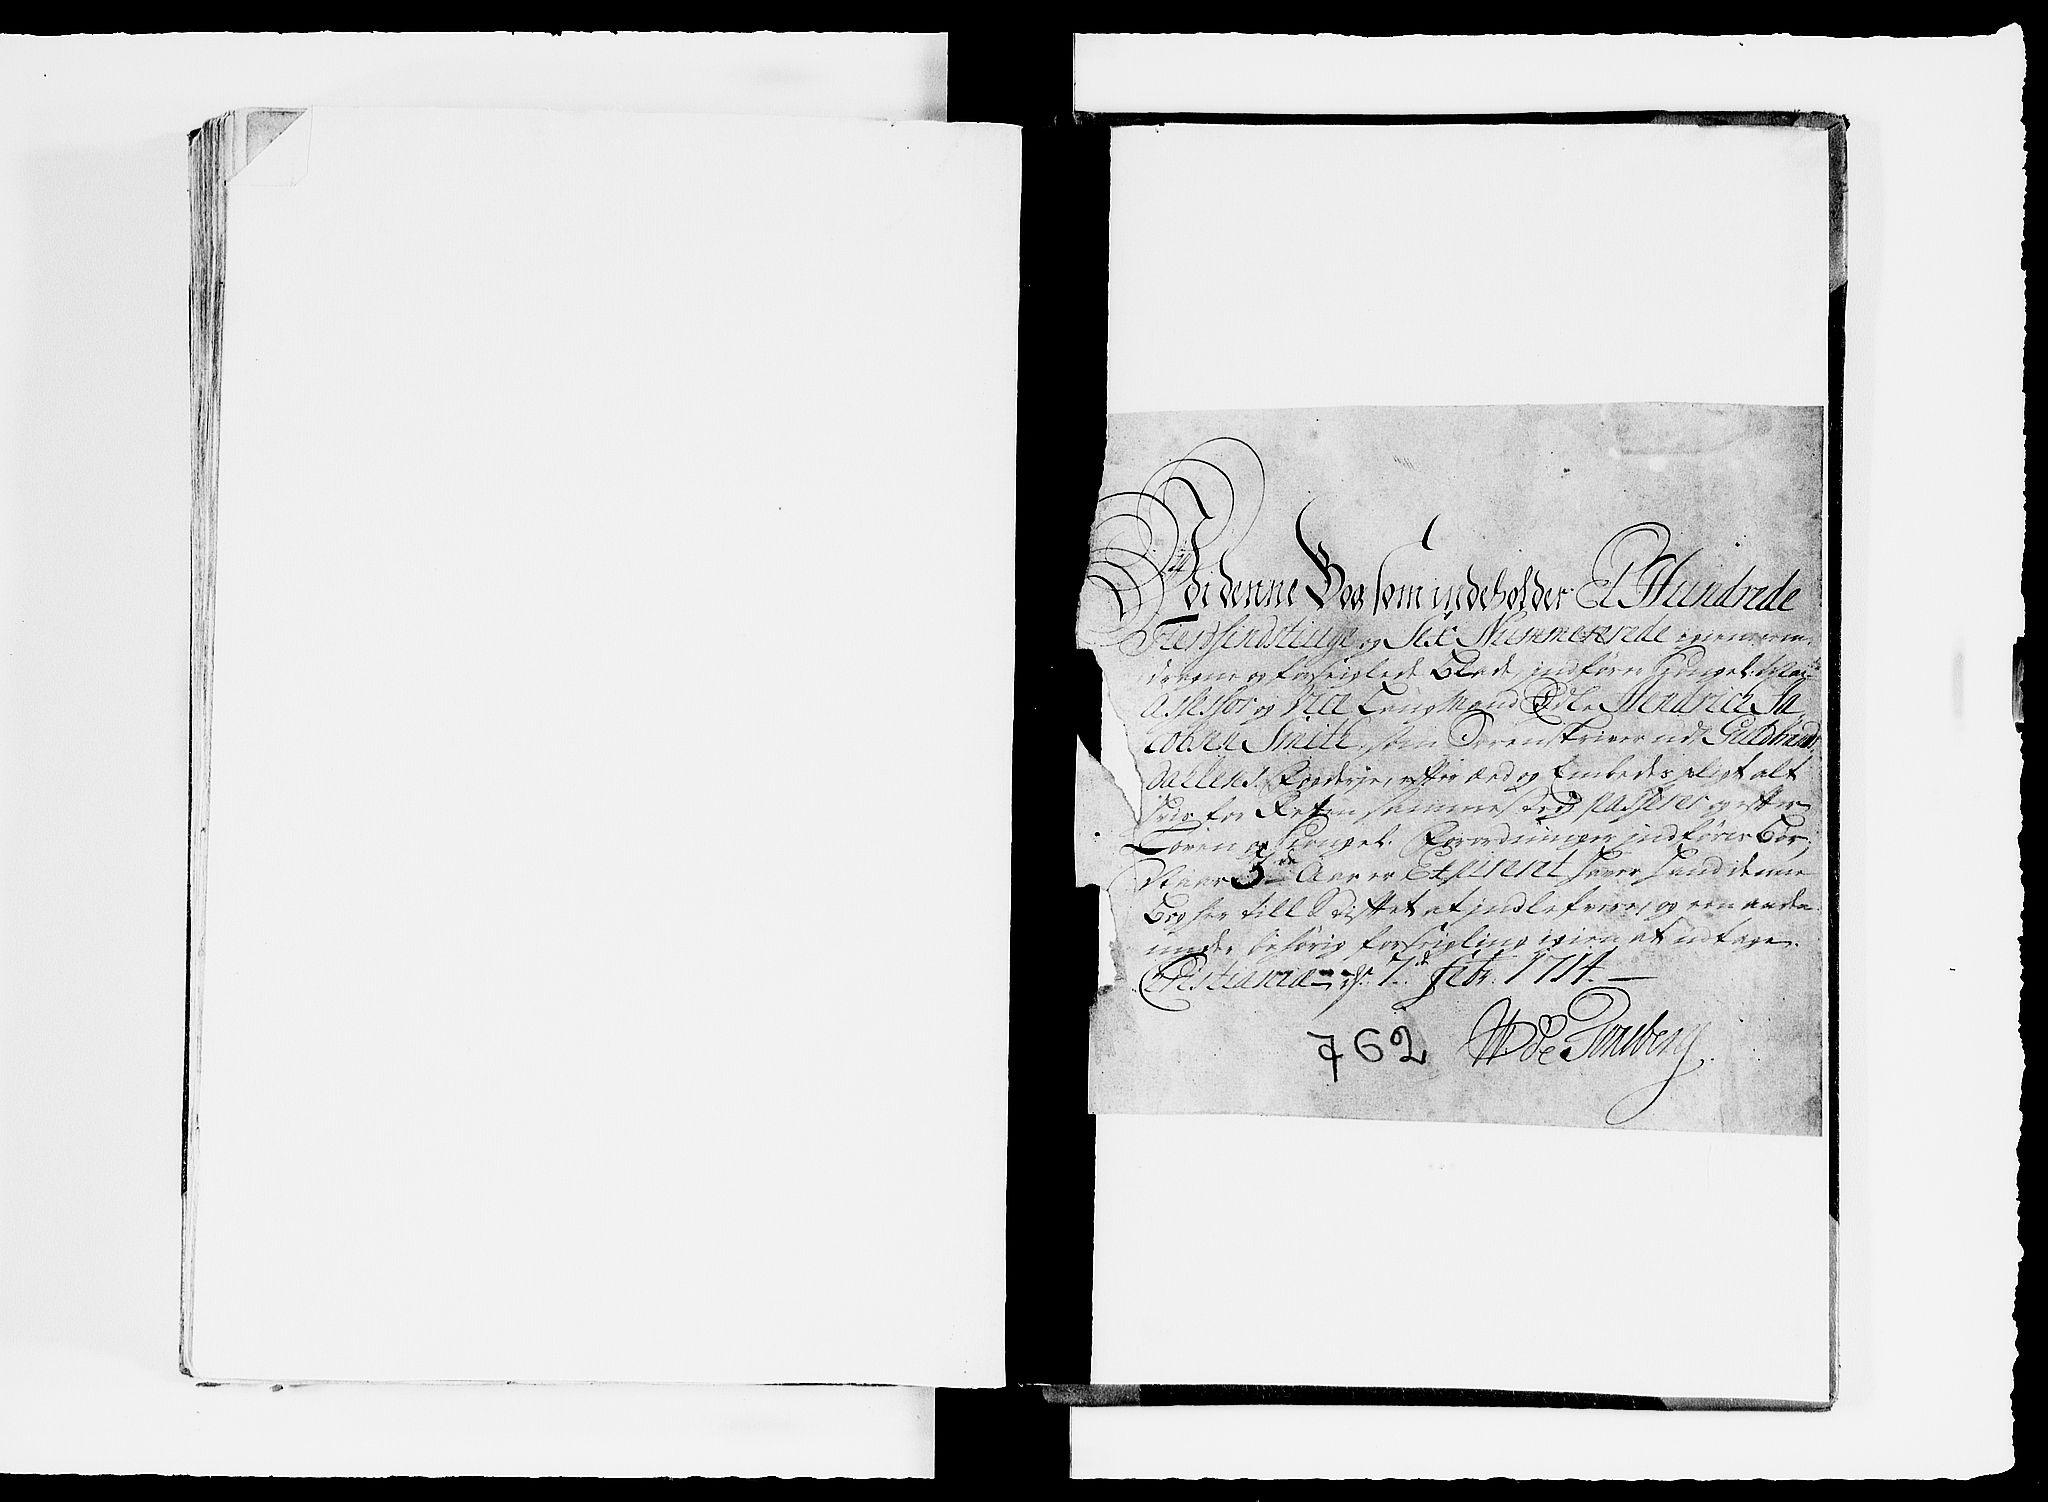 SAH, Sorenskriverier i Gudbrandsdalen, G/Gb/Gbc/L0005: Tingbok - Nord- og Sør-Gudbrandsdal, 1714-1716